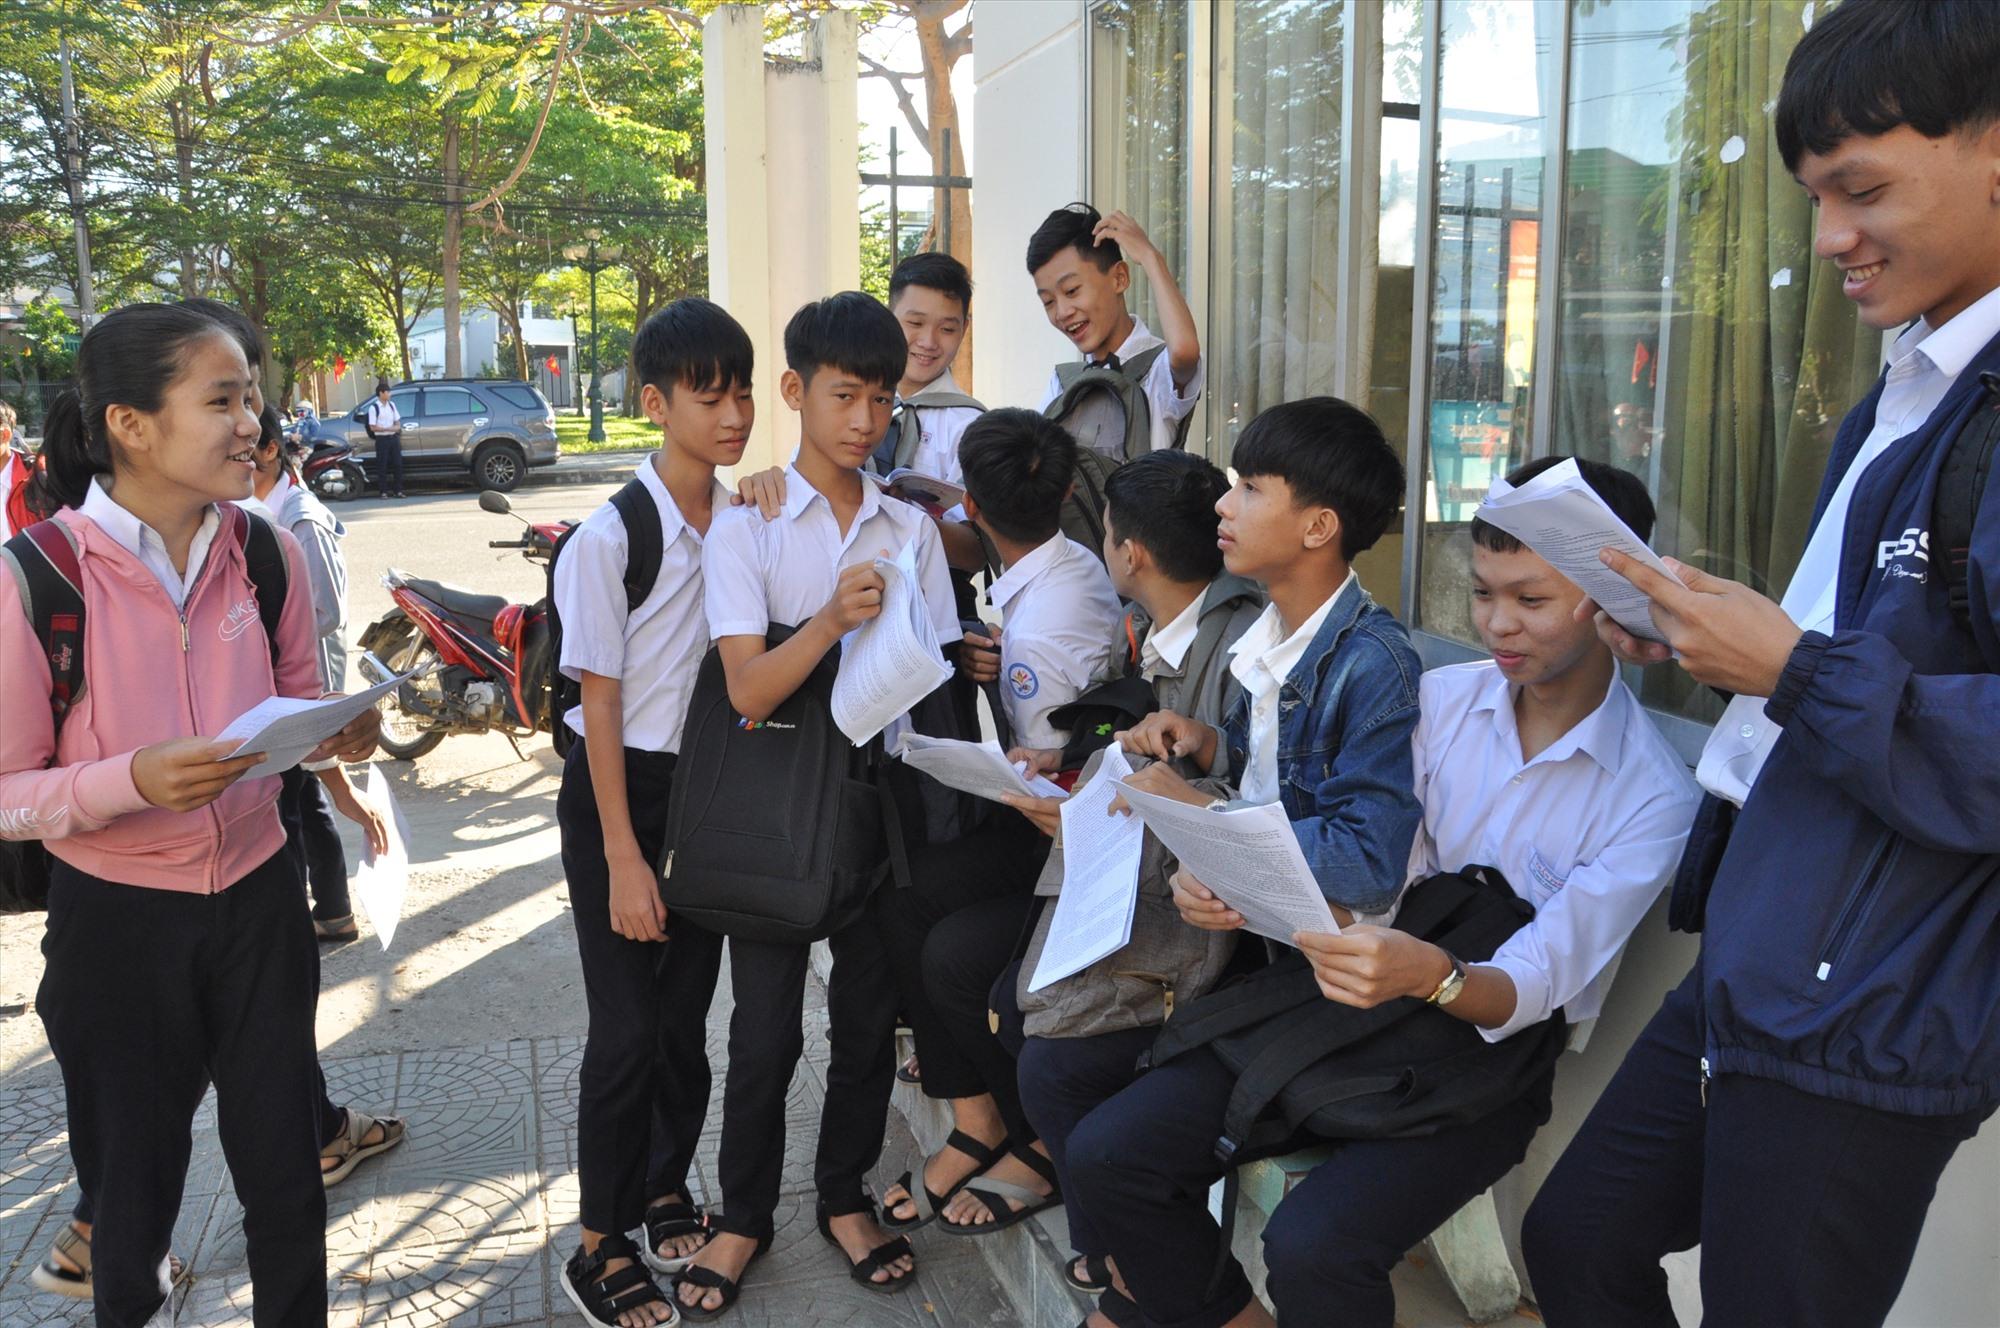 """Sự tự tin của các thí sinh là học sinh Trường THCS Lê Quý Đôn -đây được xem là """"ngôi trường chuyên bậc THCS"""" của huyện Phú Ninh. Năm nay, trường có hơn 70 học sinh dự thi lớp 10 chuyên. Ảnh: X.P"""